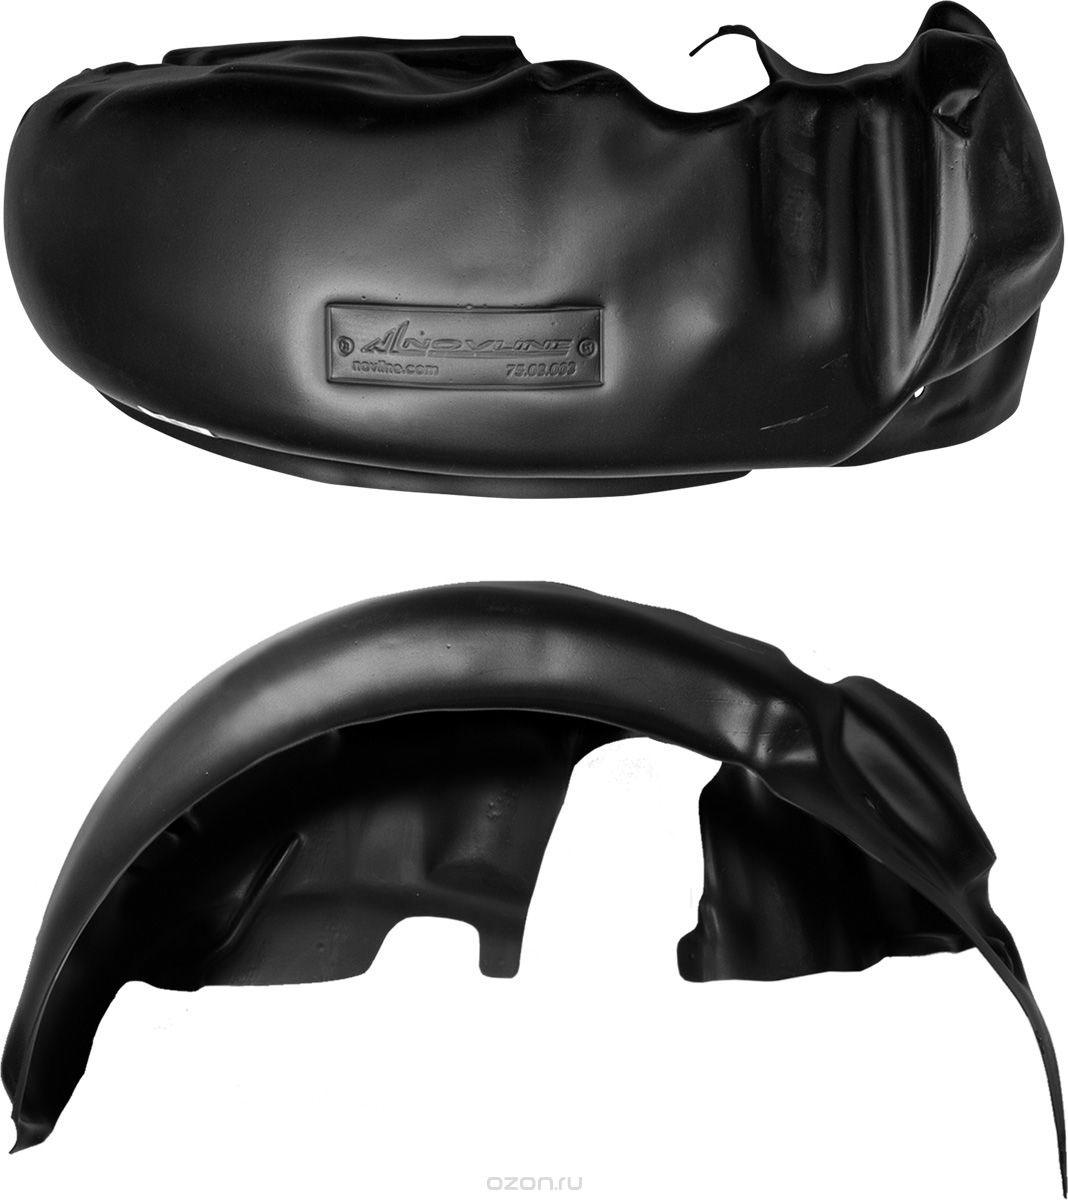 Подкрылок Novline-Autofamily, для Kia Sportage, 2016->, кроссовер, задний левыйNLL.25.44.003Идеальная защита колесной ниши. Локеры разработаны с применением цифровых технологий, гарантируют максимальную повторяемость поверхности арки. Изделия устанавливаются без нарушения лакокрасочного покрытия автомобиля, каждый подкрылок комплектуется крепежом. Уважаемые клиенты, обращаем ваше внимание, что фотографии на подкрылки универсальные и не отражают реальную форму изделия. При этом само изделие идет точно под размер указанного автомобиля.